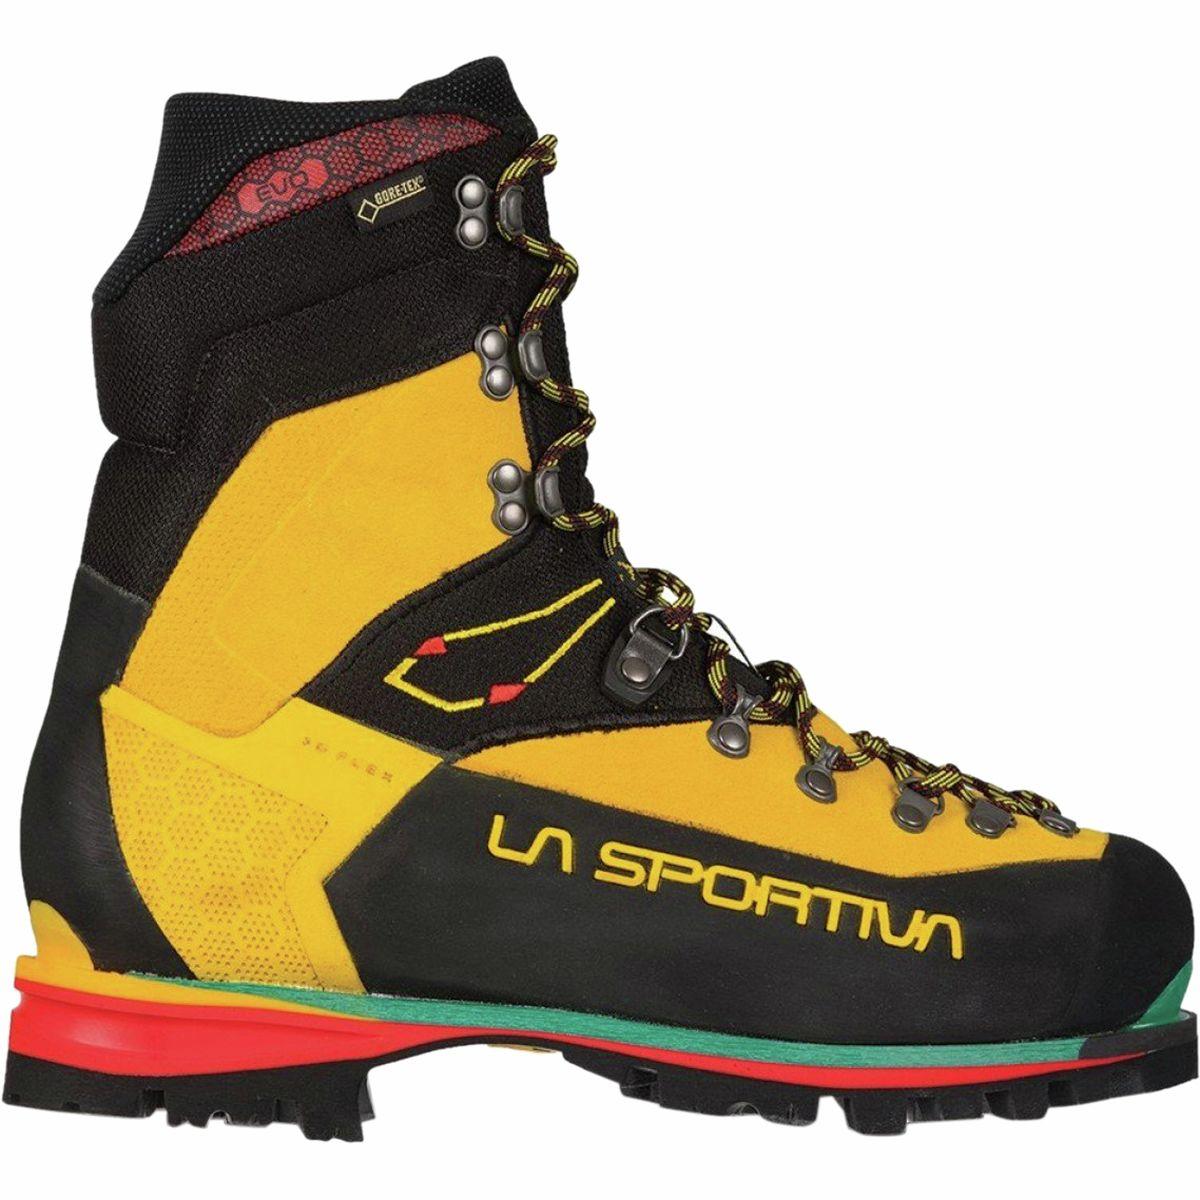 La Sportiva Nepal EVO GTX